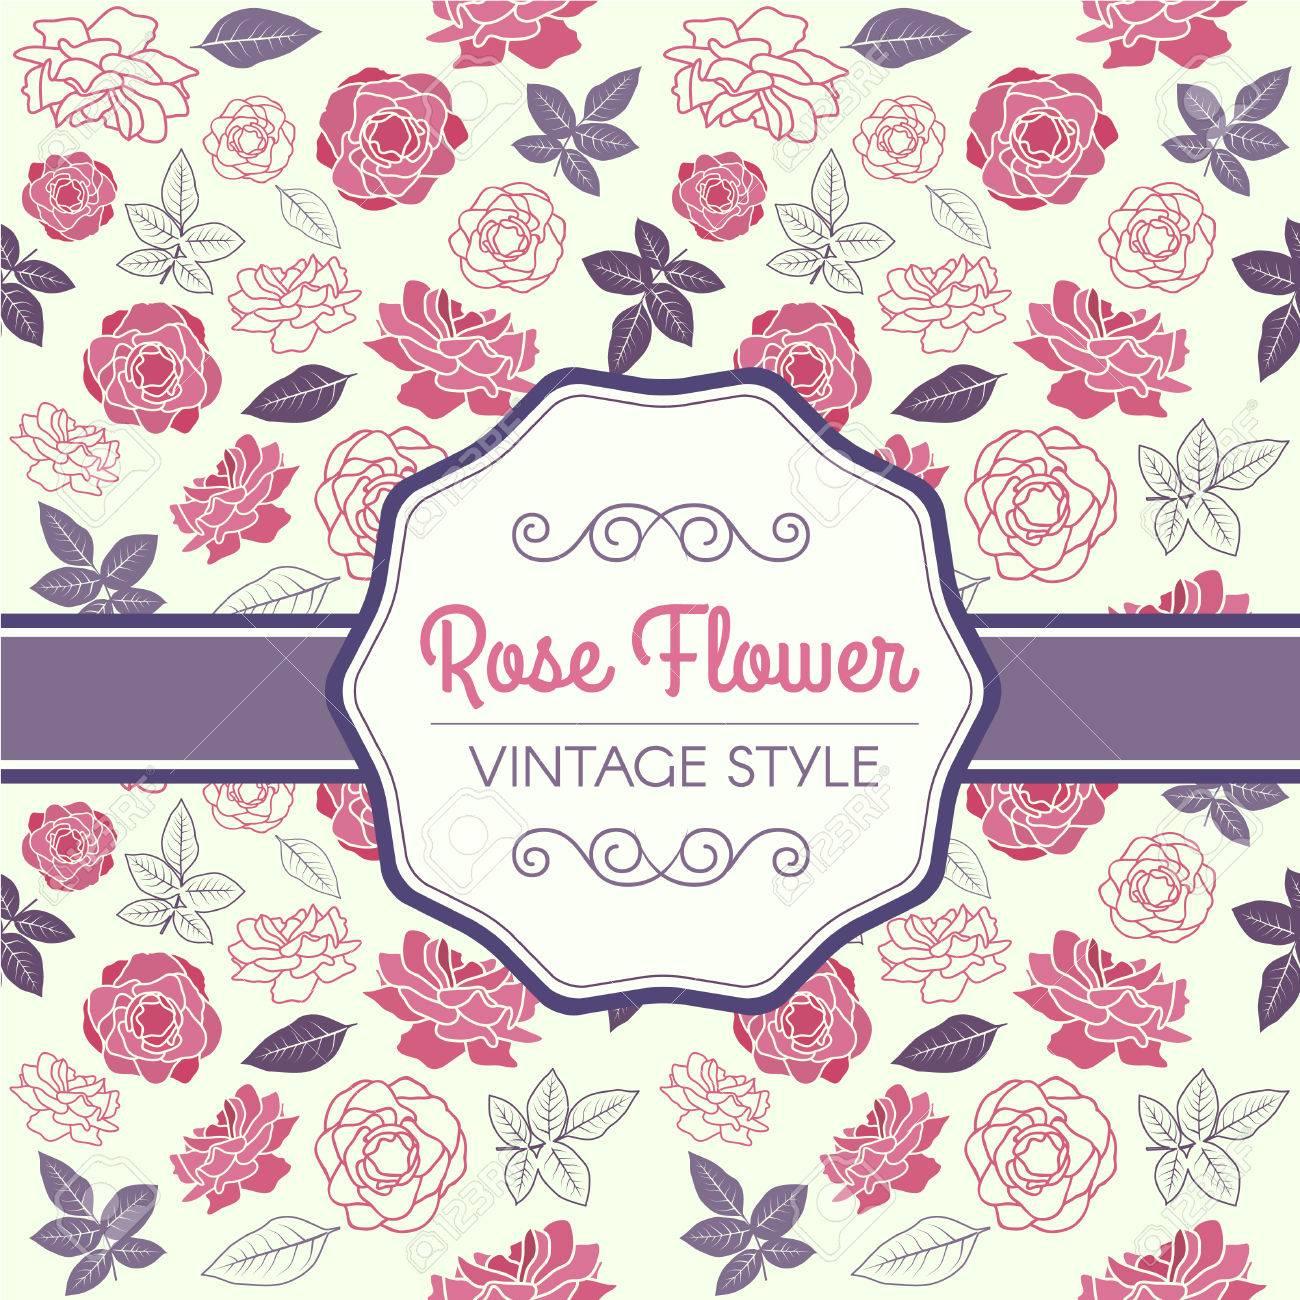 pink rose and purple leaf vintage pattern vector design royalty